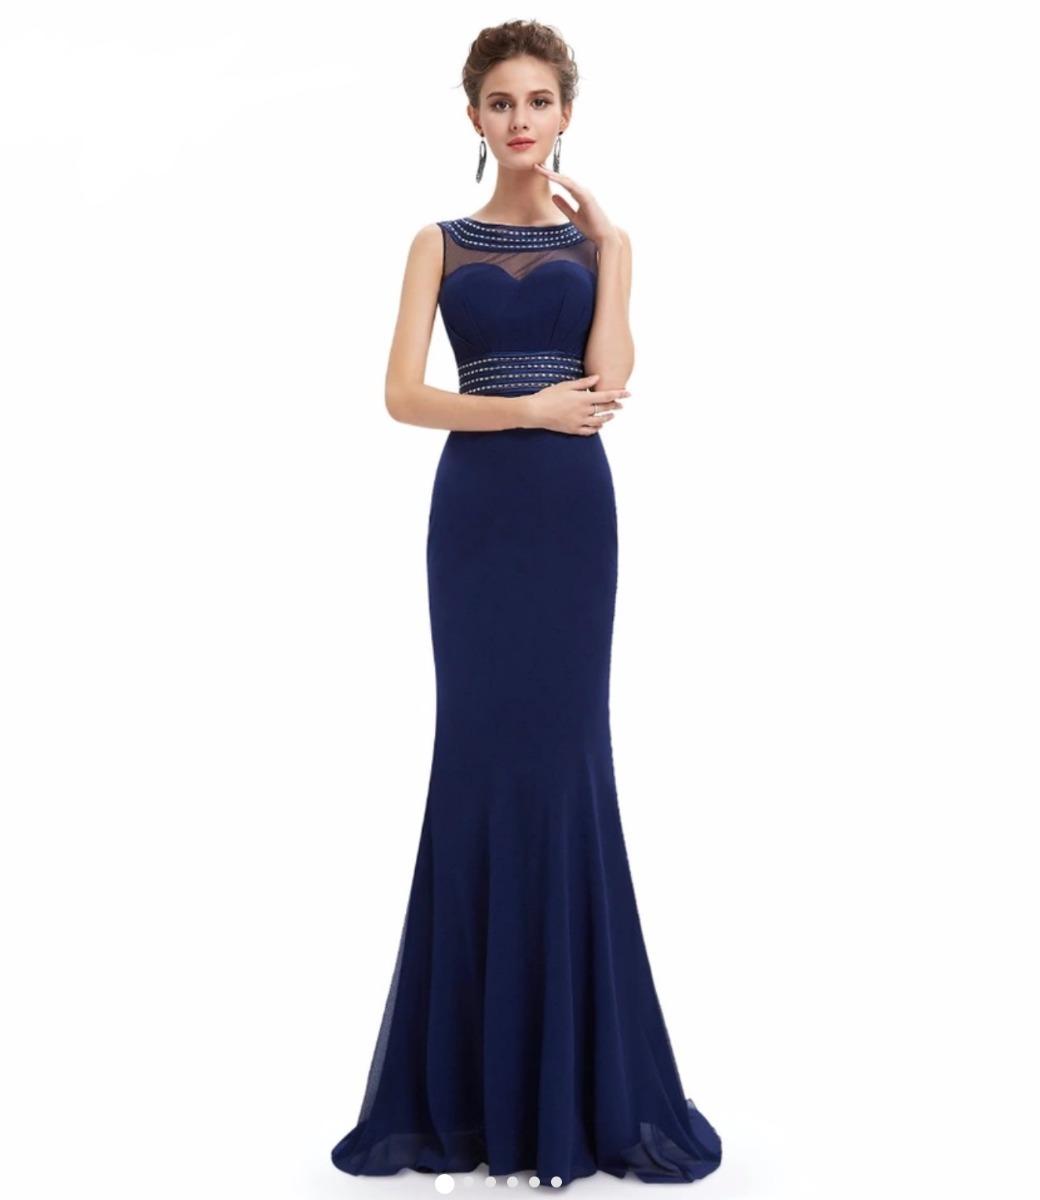 e1b36b9de2 vestido de festa longo em chiffon bordado azul marinho. Carregando zoom.